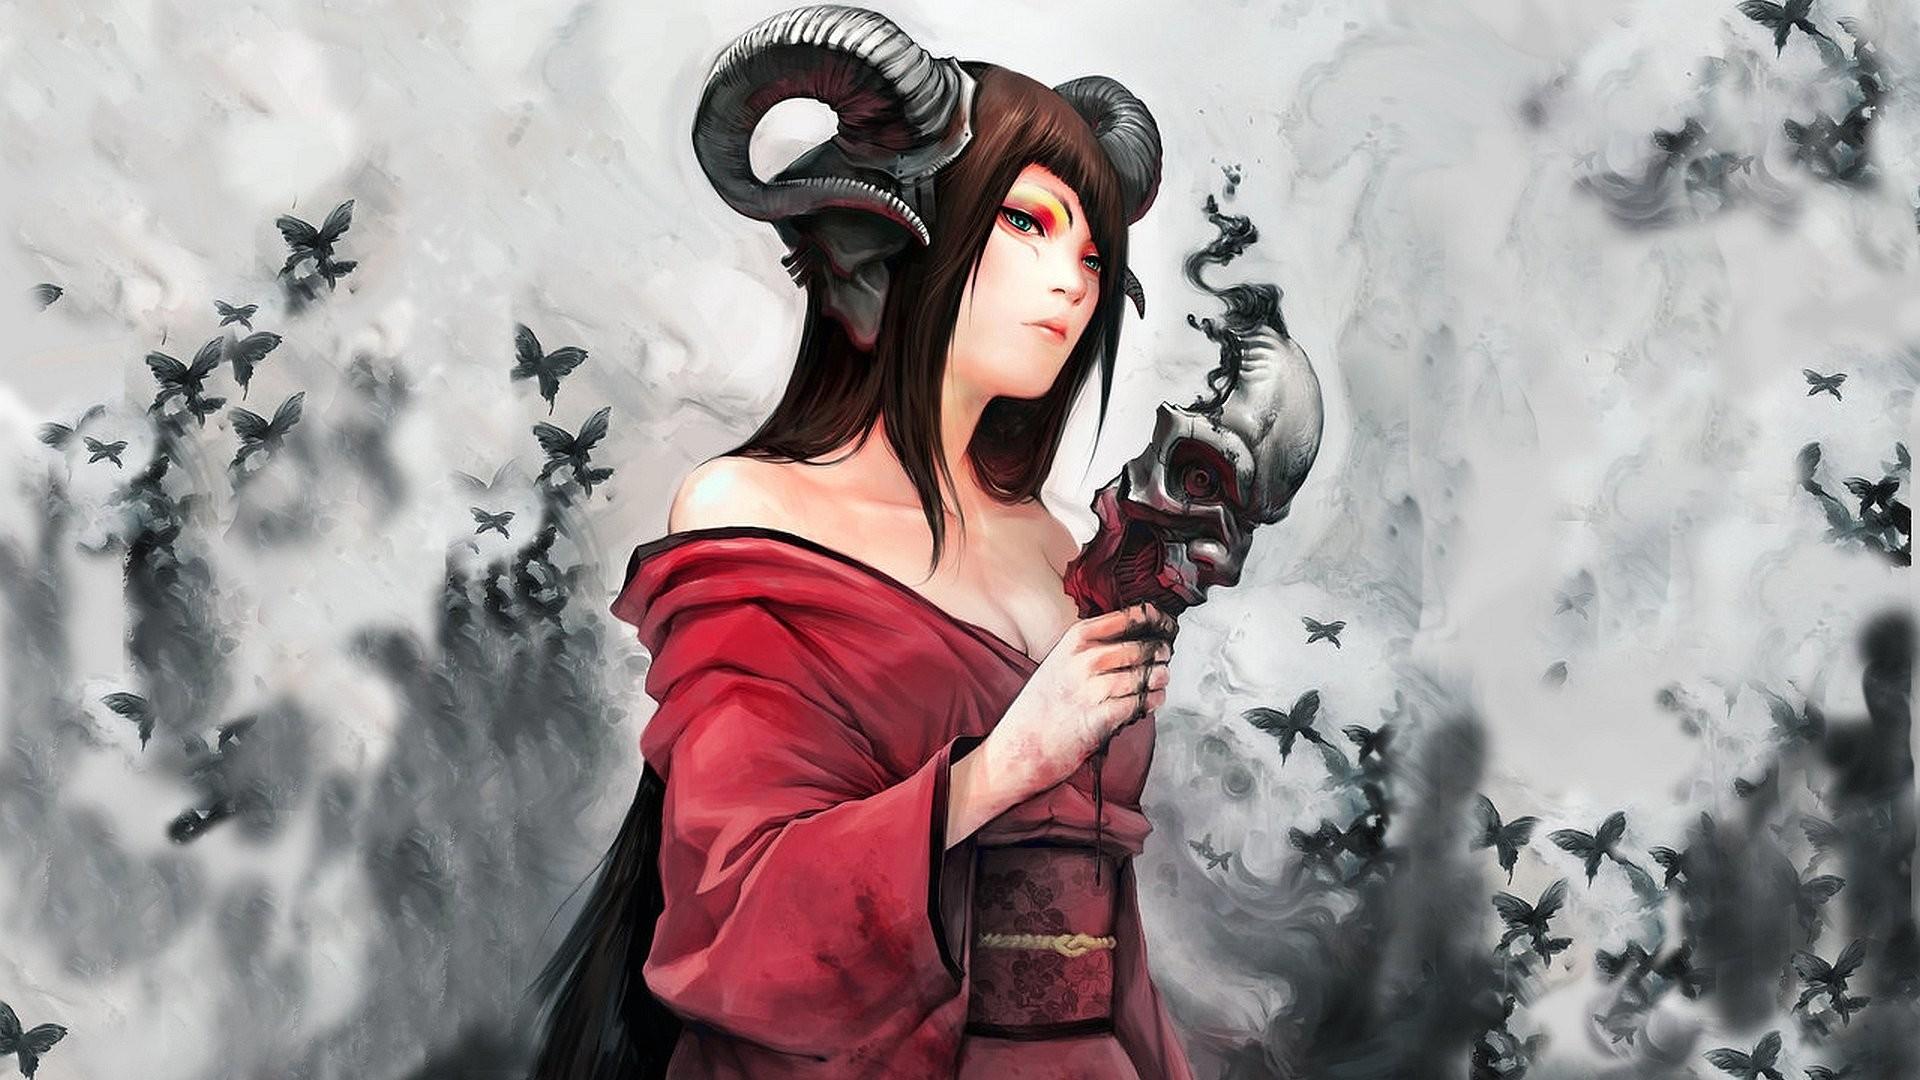 Z wallpaper horned girl